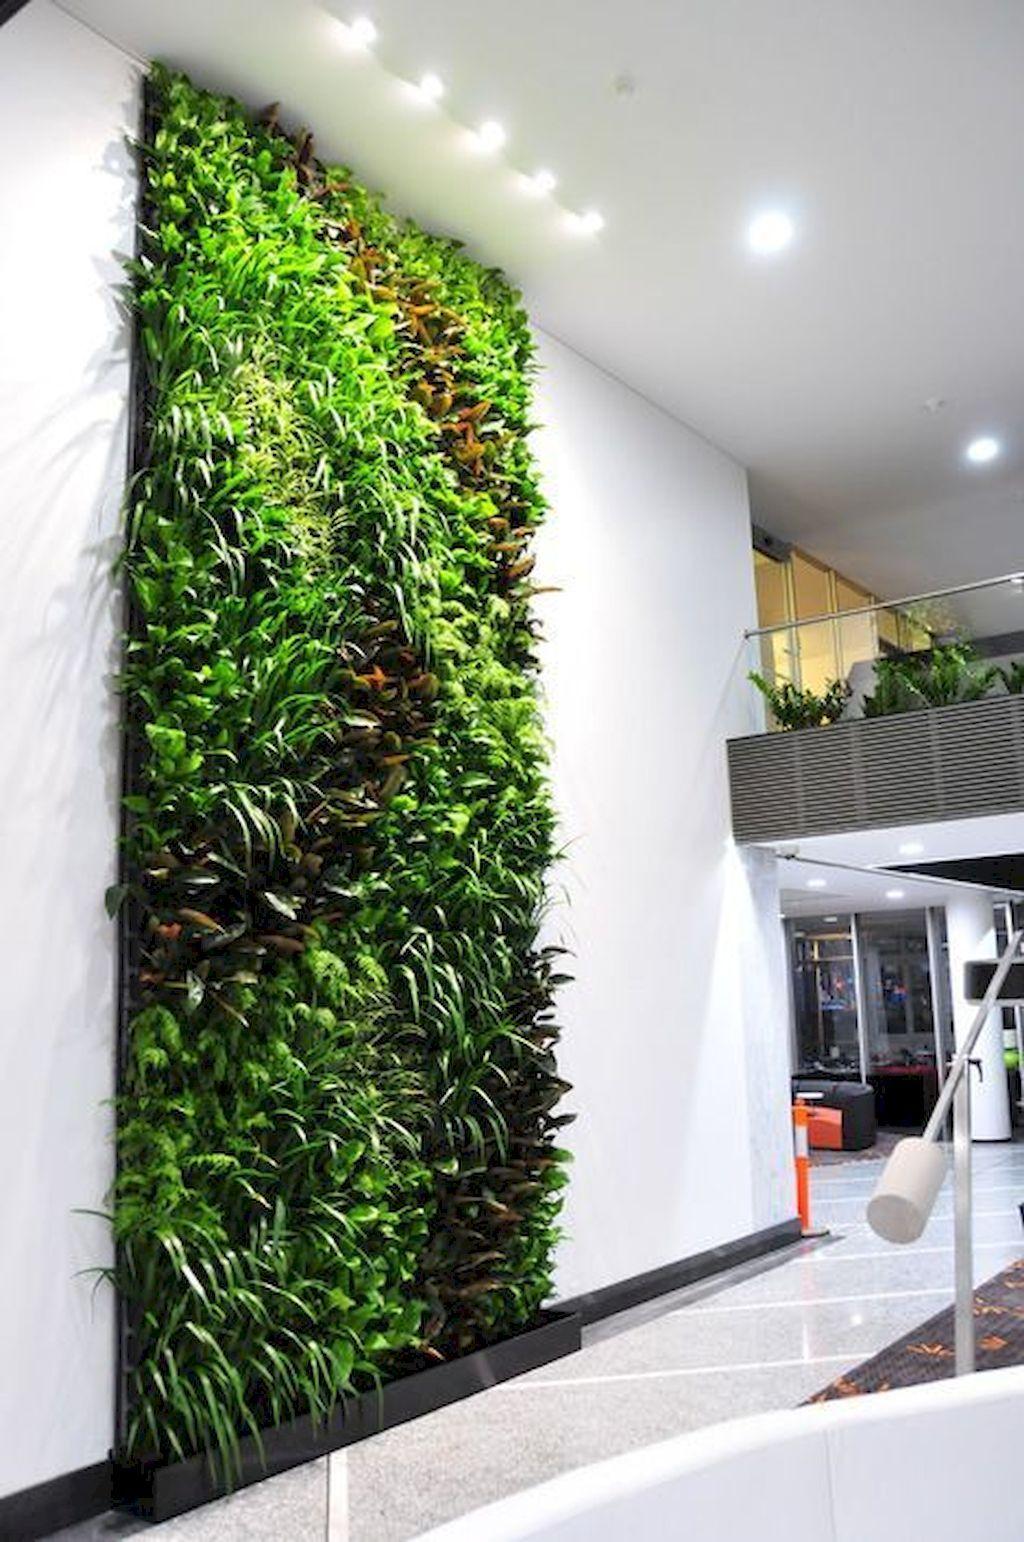 80 Stunning Vertical Garden for Wall Decorations Ideas